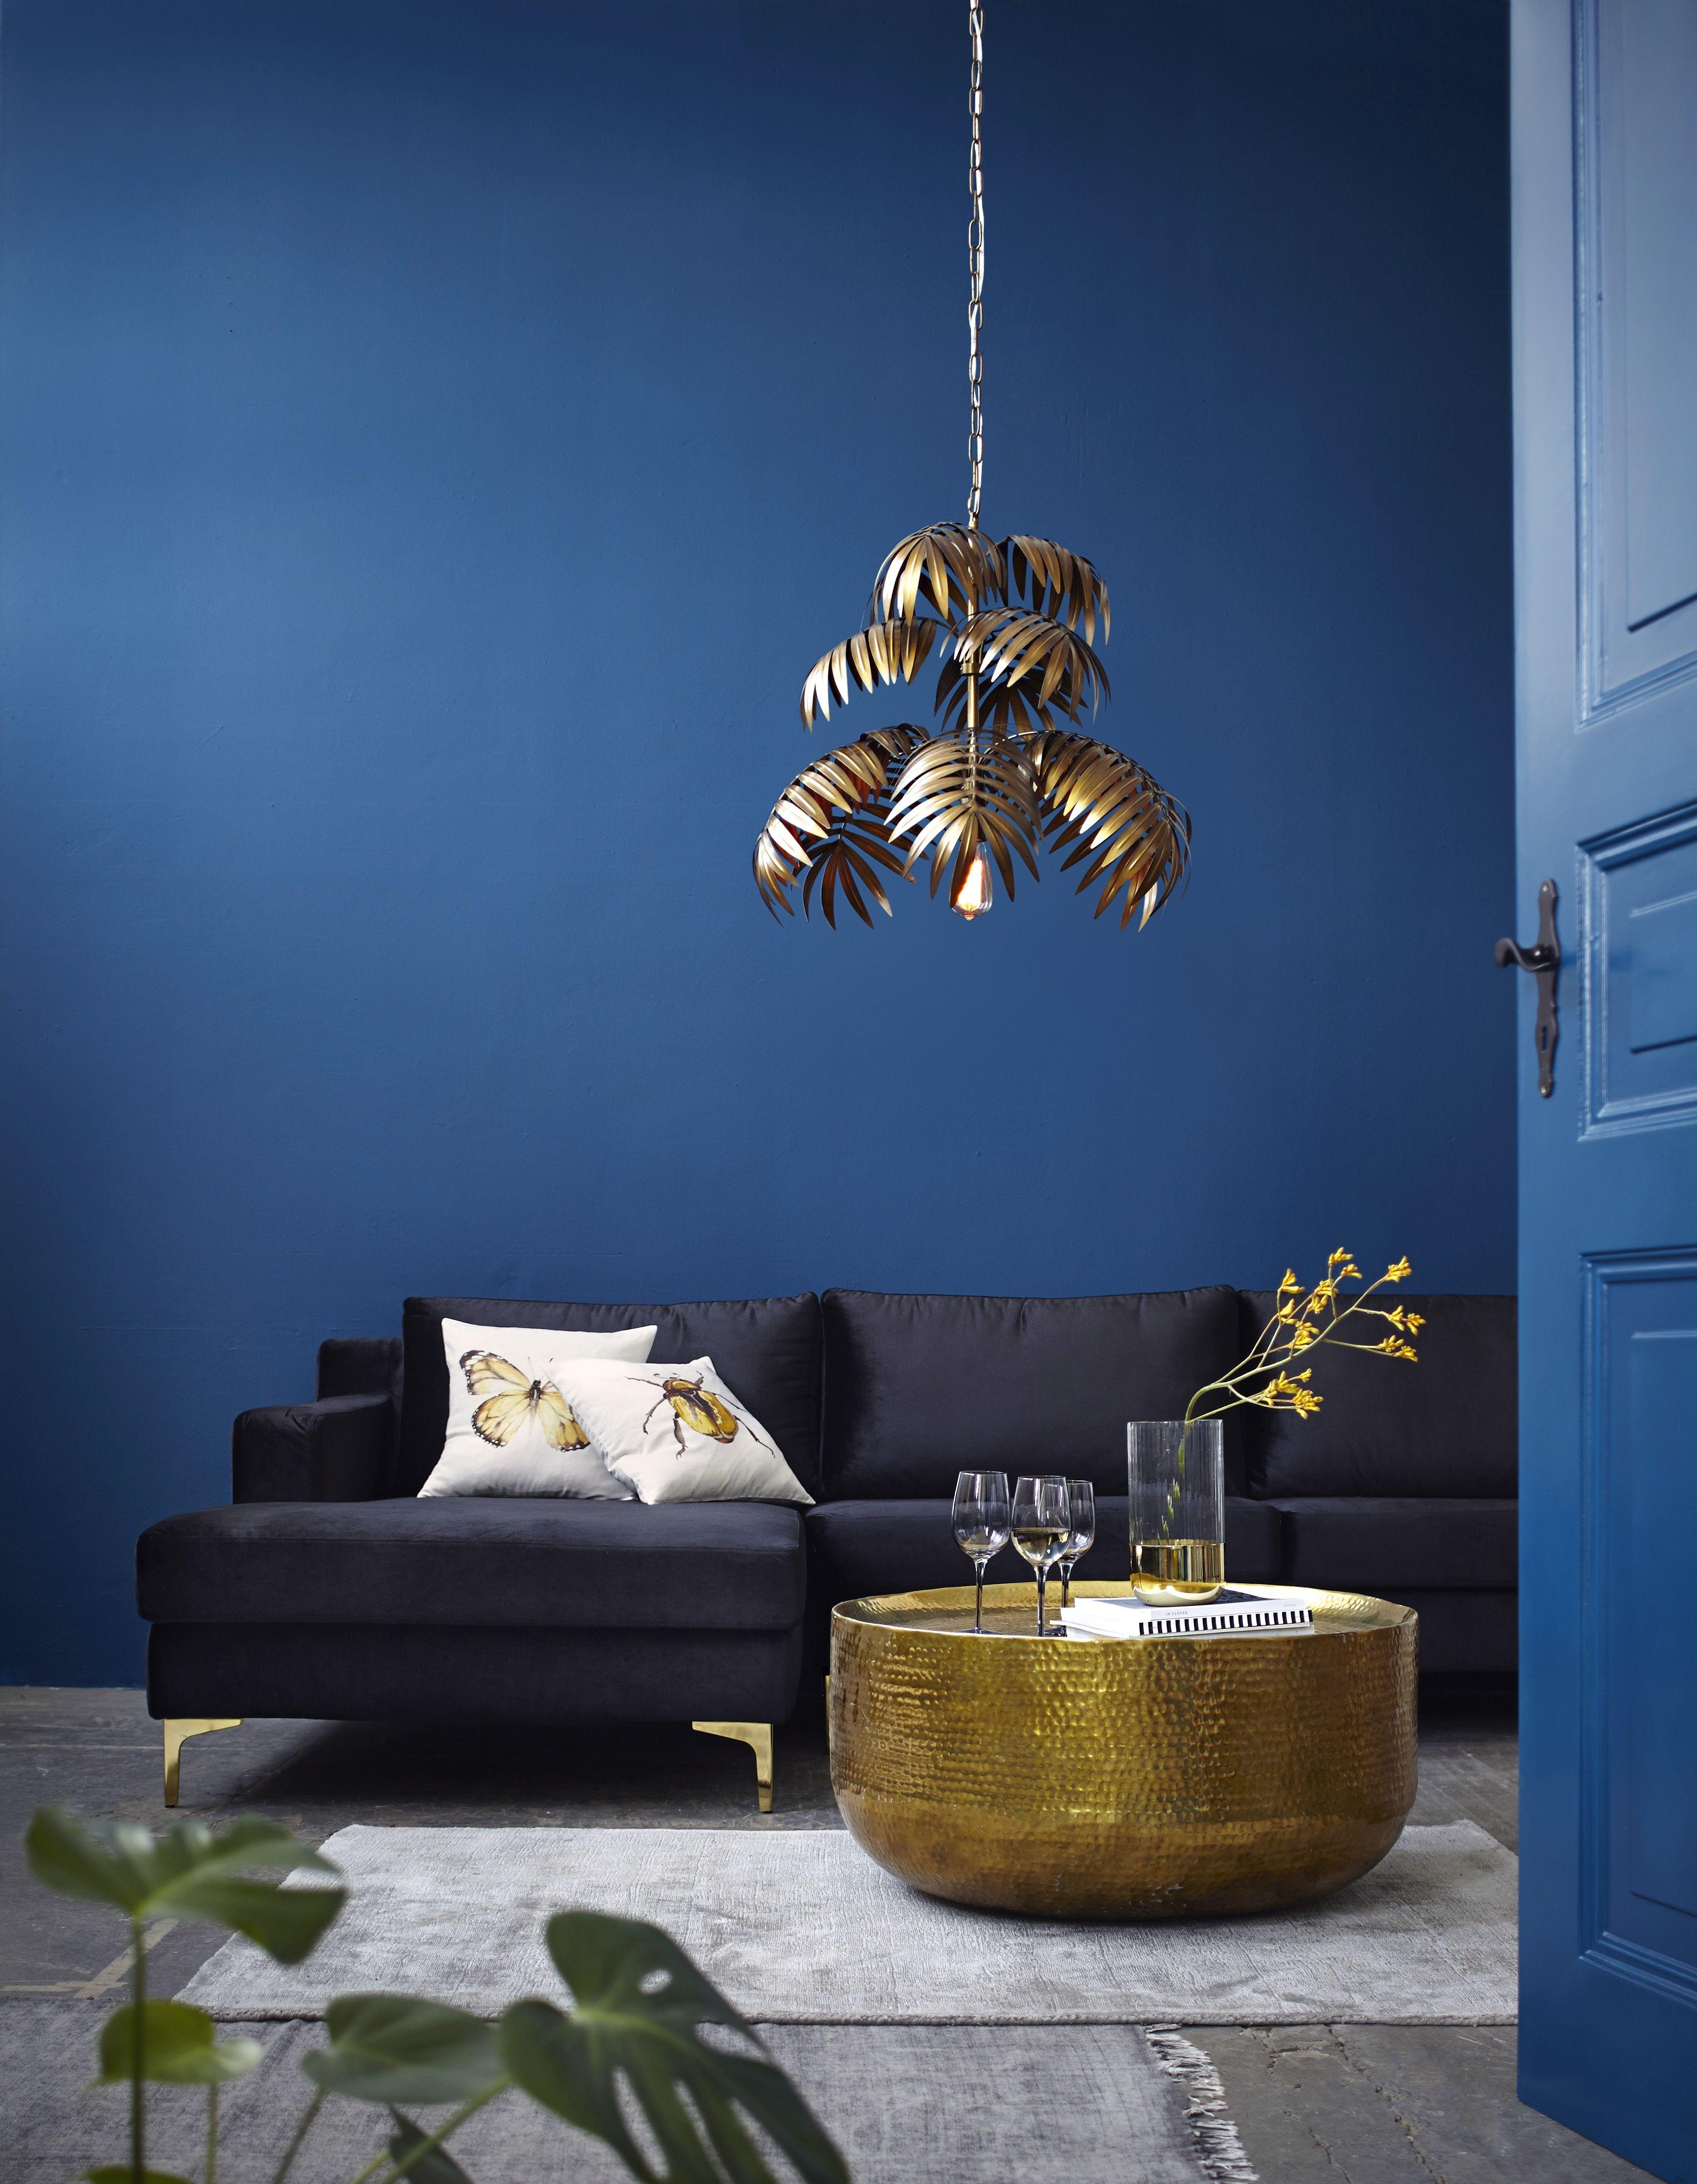 Ein Schoner Abend Auf Der Couch Gefallig Couch Livinginspo Livingroom Style With Images Interior Interior Styling Design